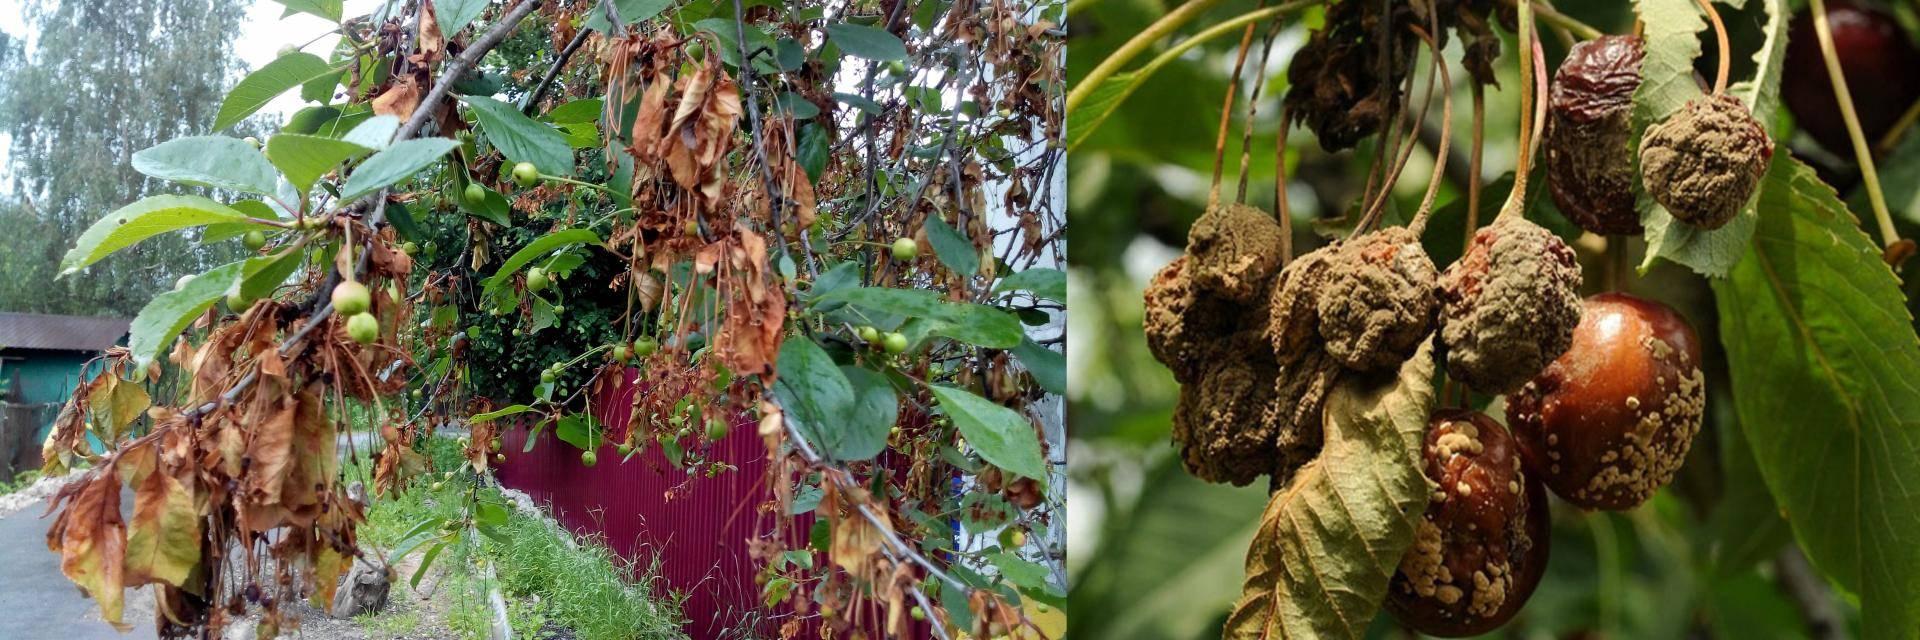 Монилиоз вишни: причины и симптомы, как лечить, препараты для борьбы с болезнью